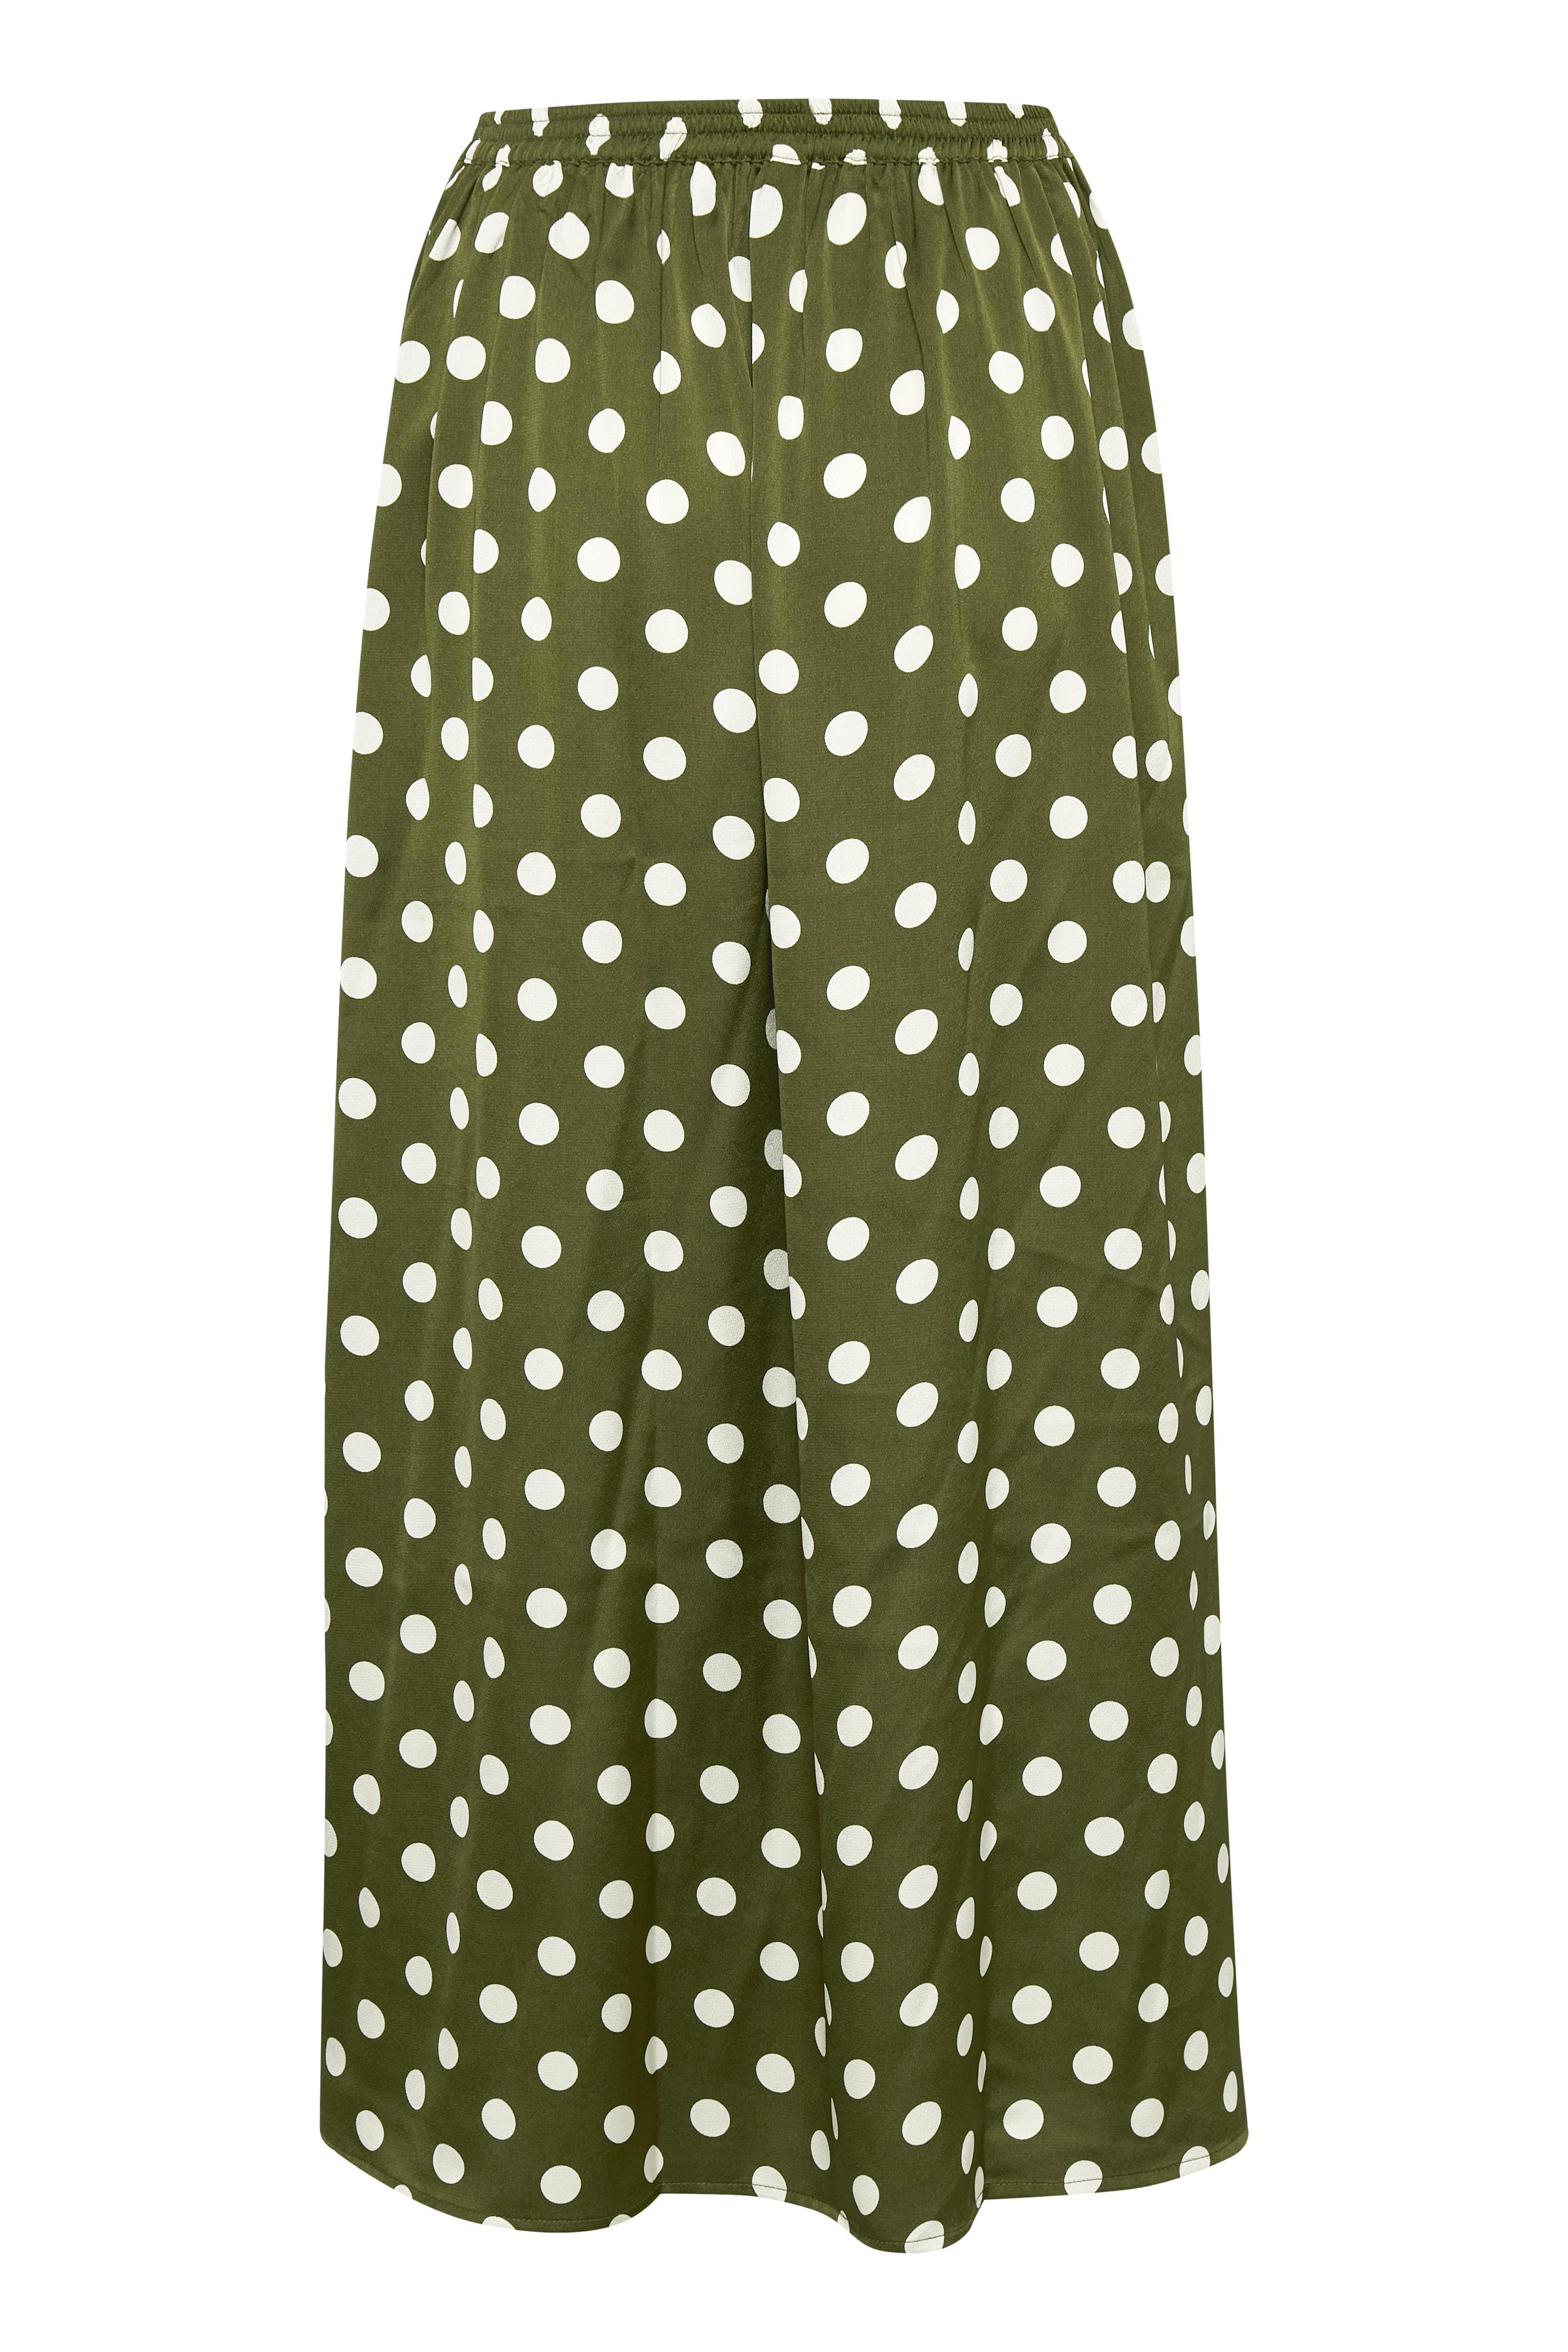 Olivgrön/vit Kjol från Culture – Köp Olivgrön/vit Kjol från stl. XS-XXL här